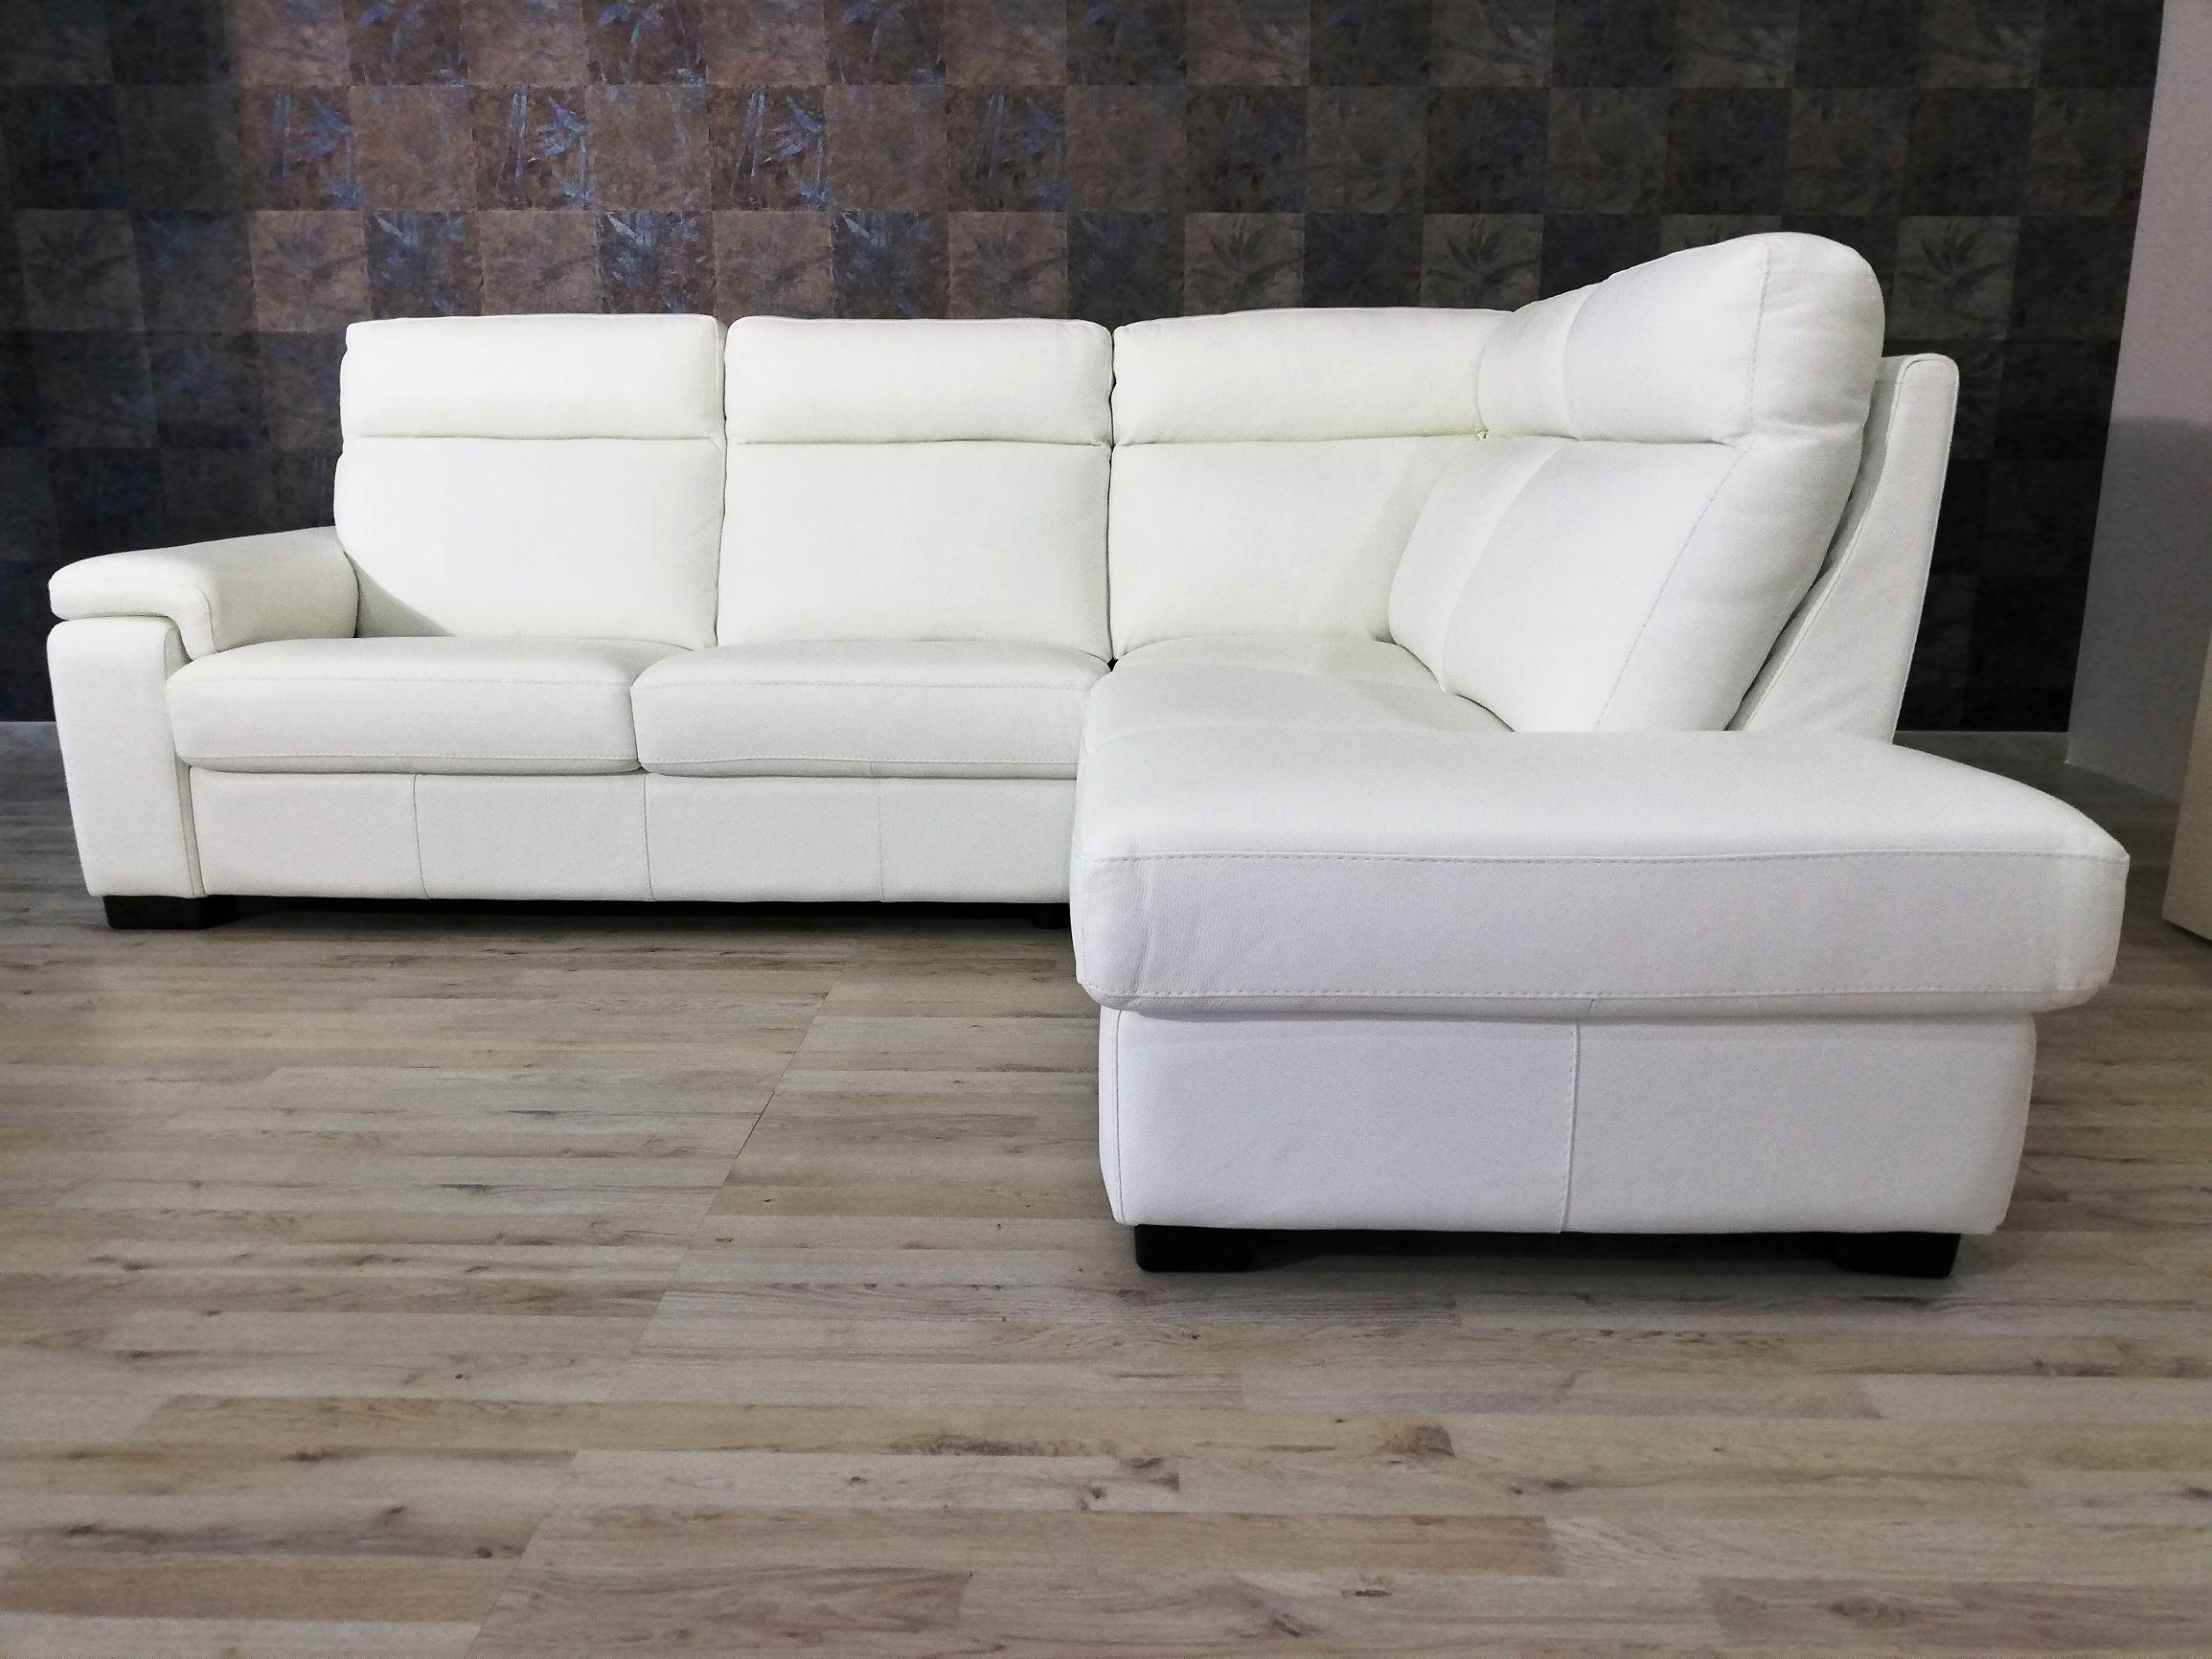 Offerta Divano angolare bianco 5 posti con schienale alto